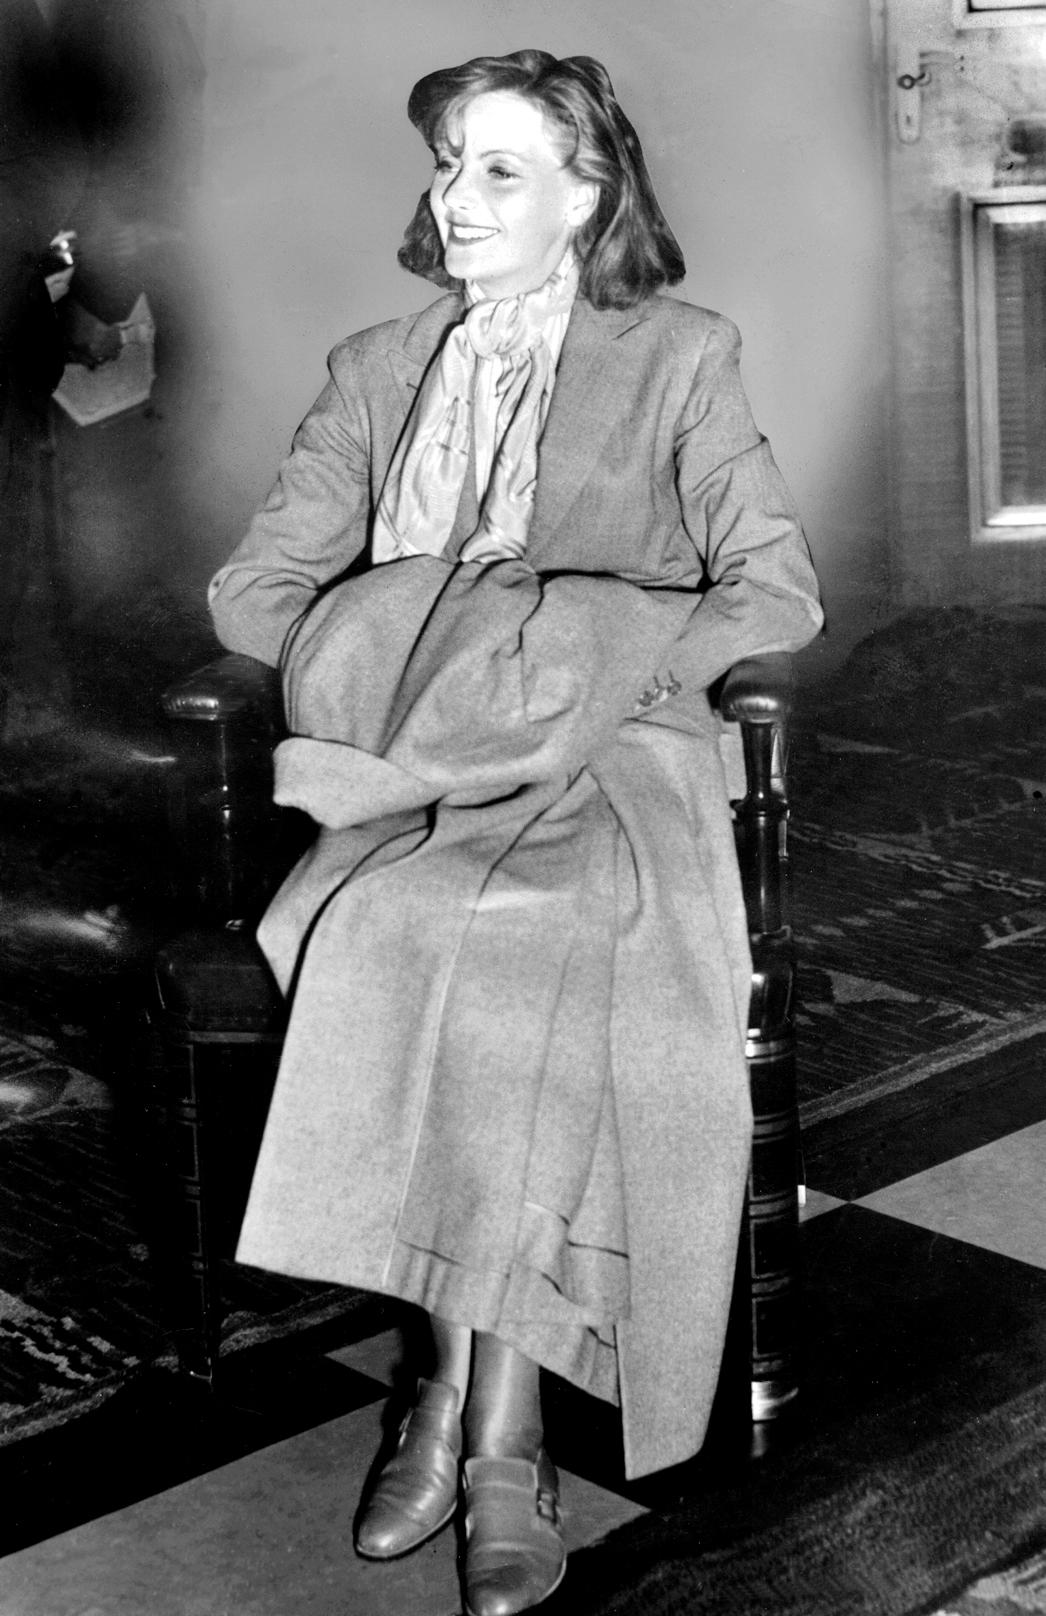 garbo in 1935